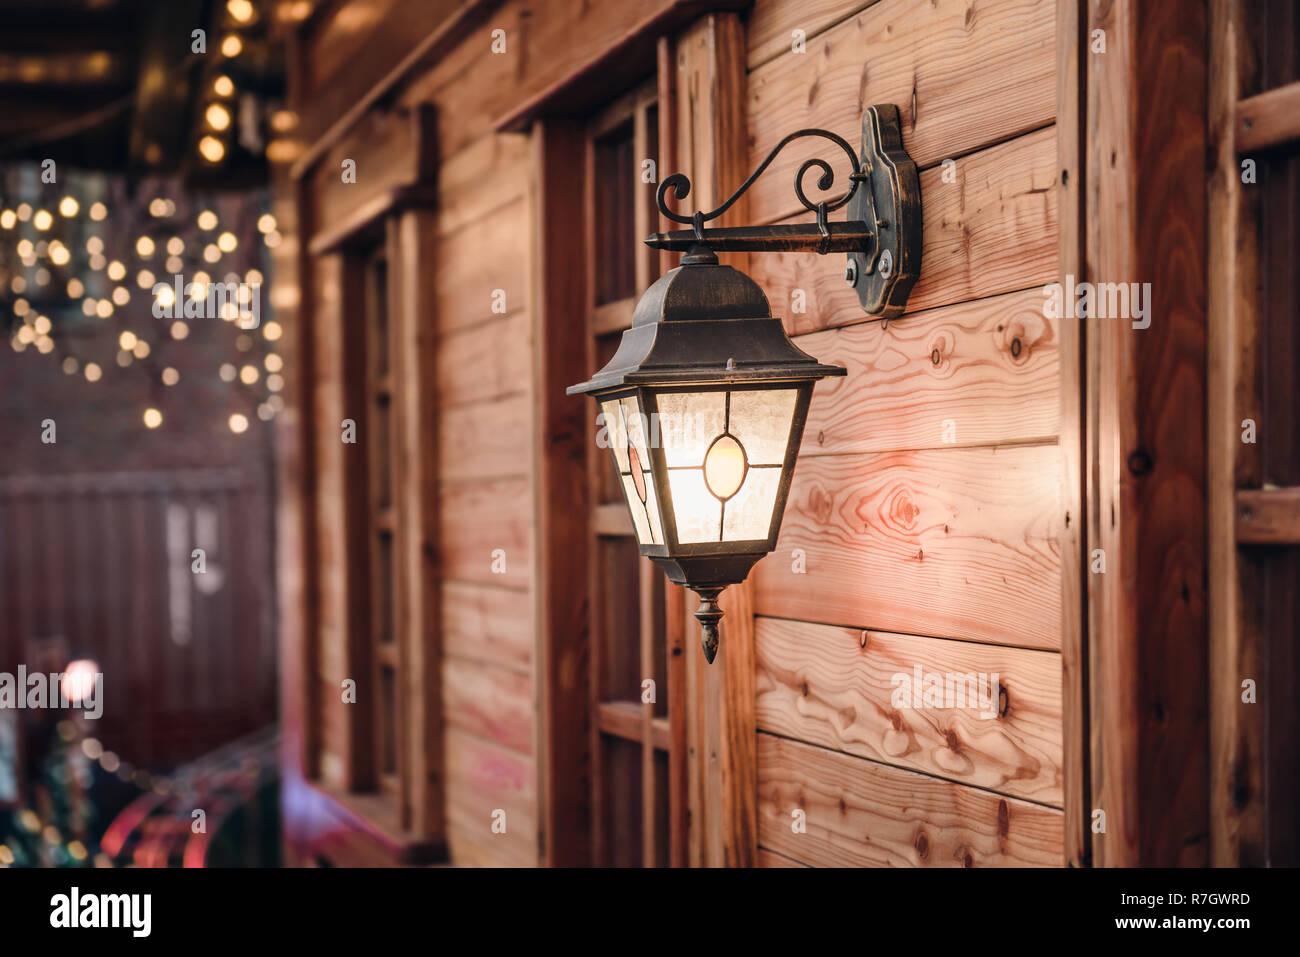 Come illuminare casa per natale